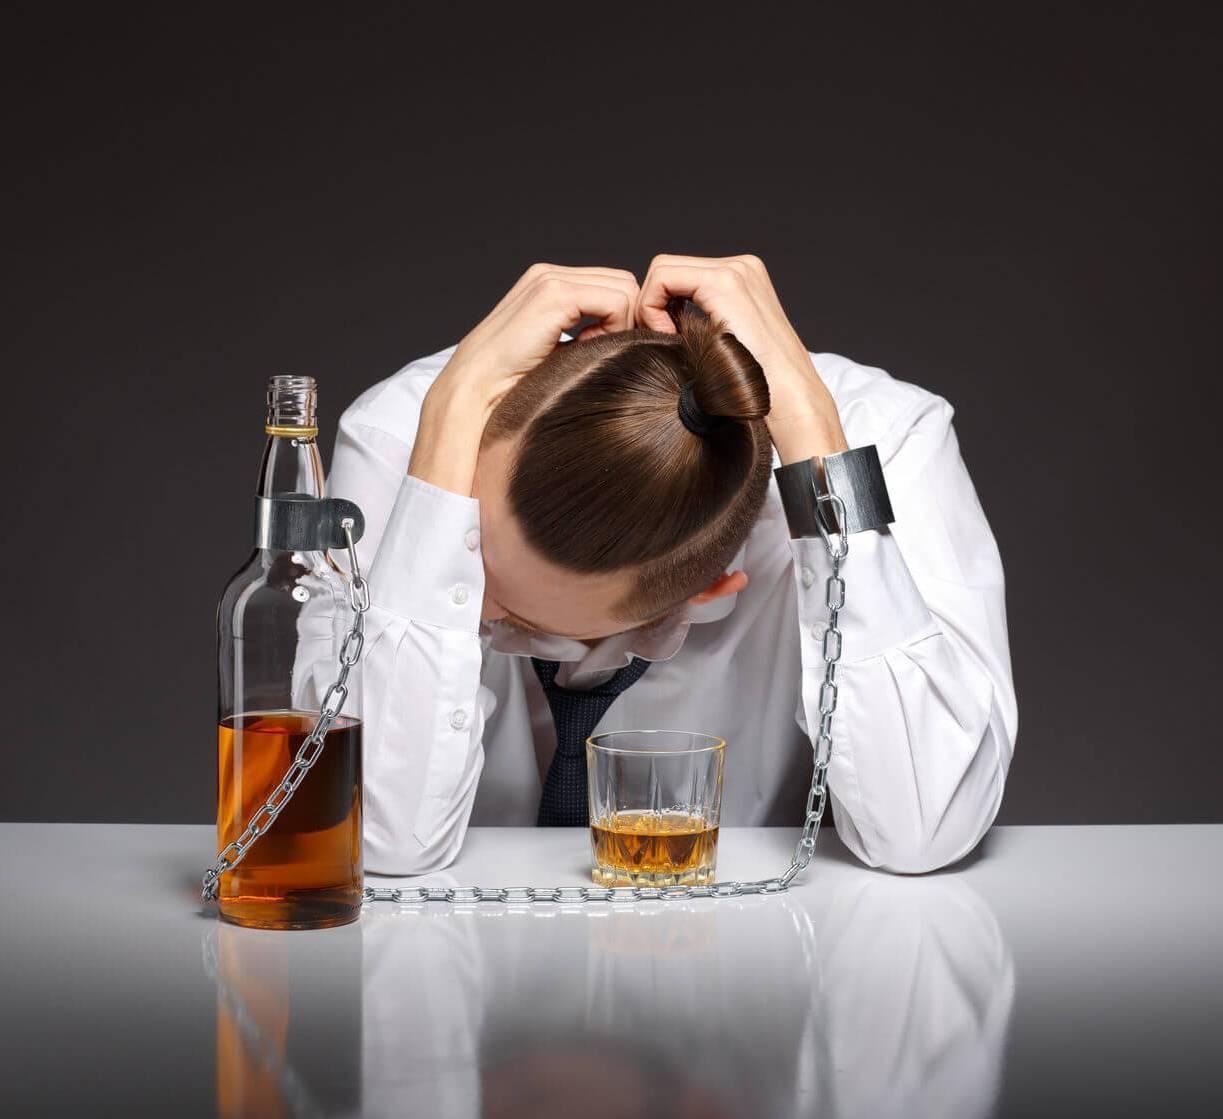 Кодирование от алкоголизма в самаре анонимно по цене от 4000 руб: довженко, торпедо, эспераль